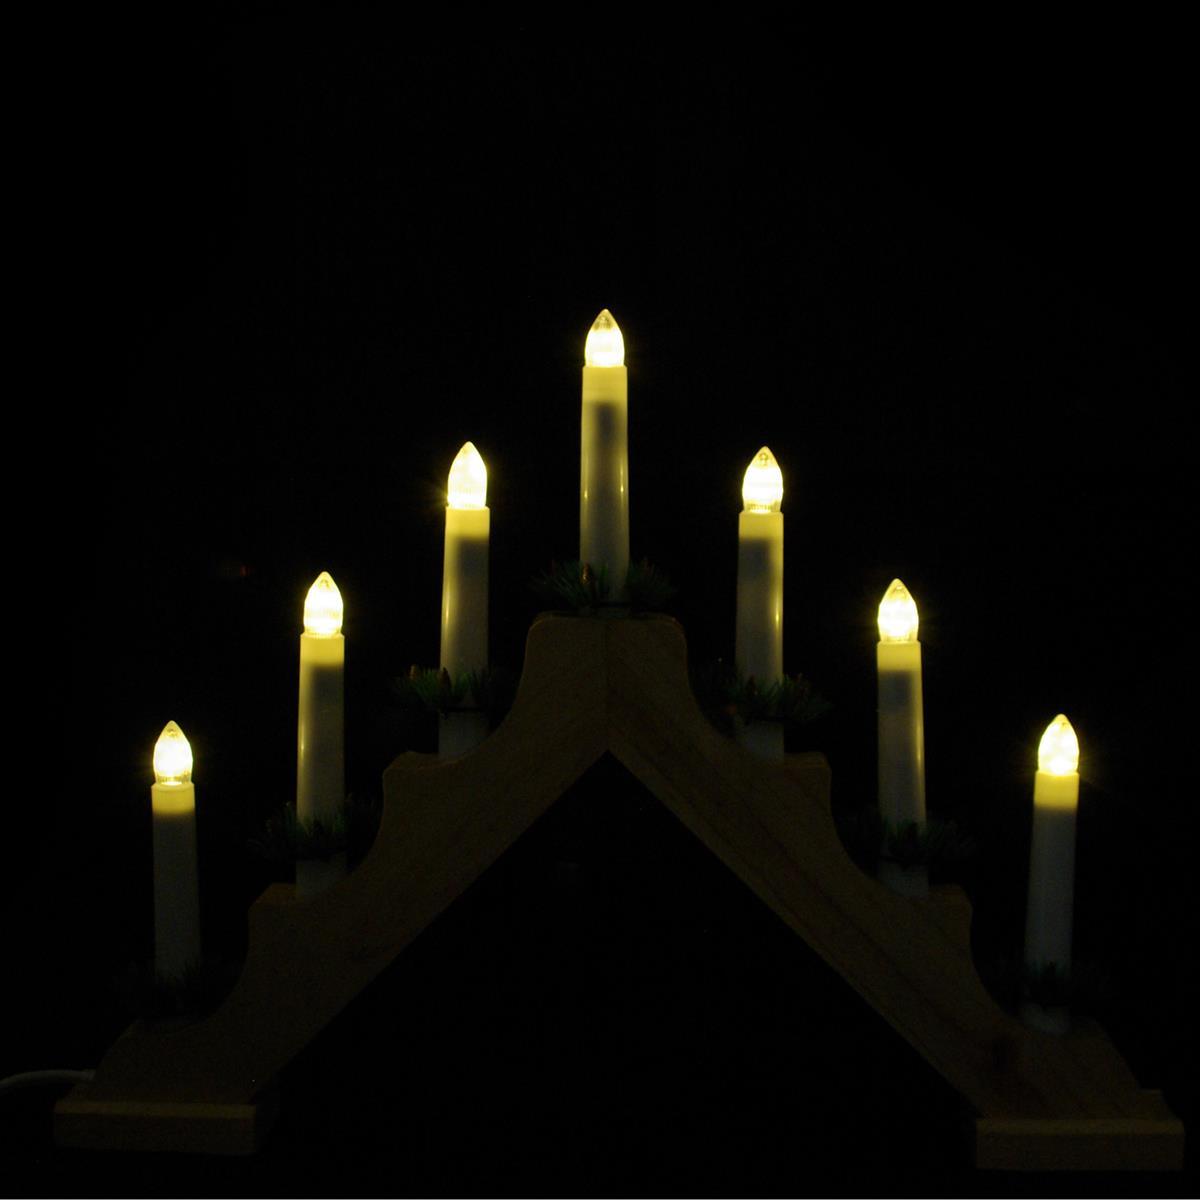 Weihnachtsbeleuchtung Lichterbogen.Schwibbogen Lichterbogen 7 Led Lichter Weihnachtsbeleuchtung Deko